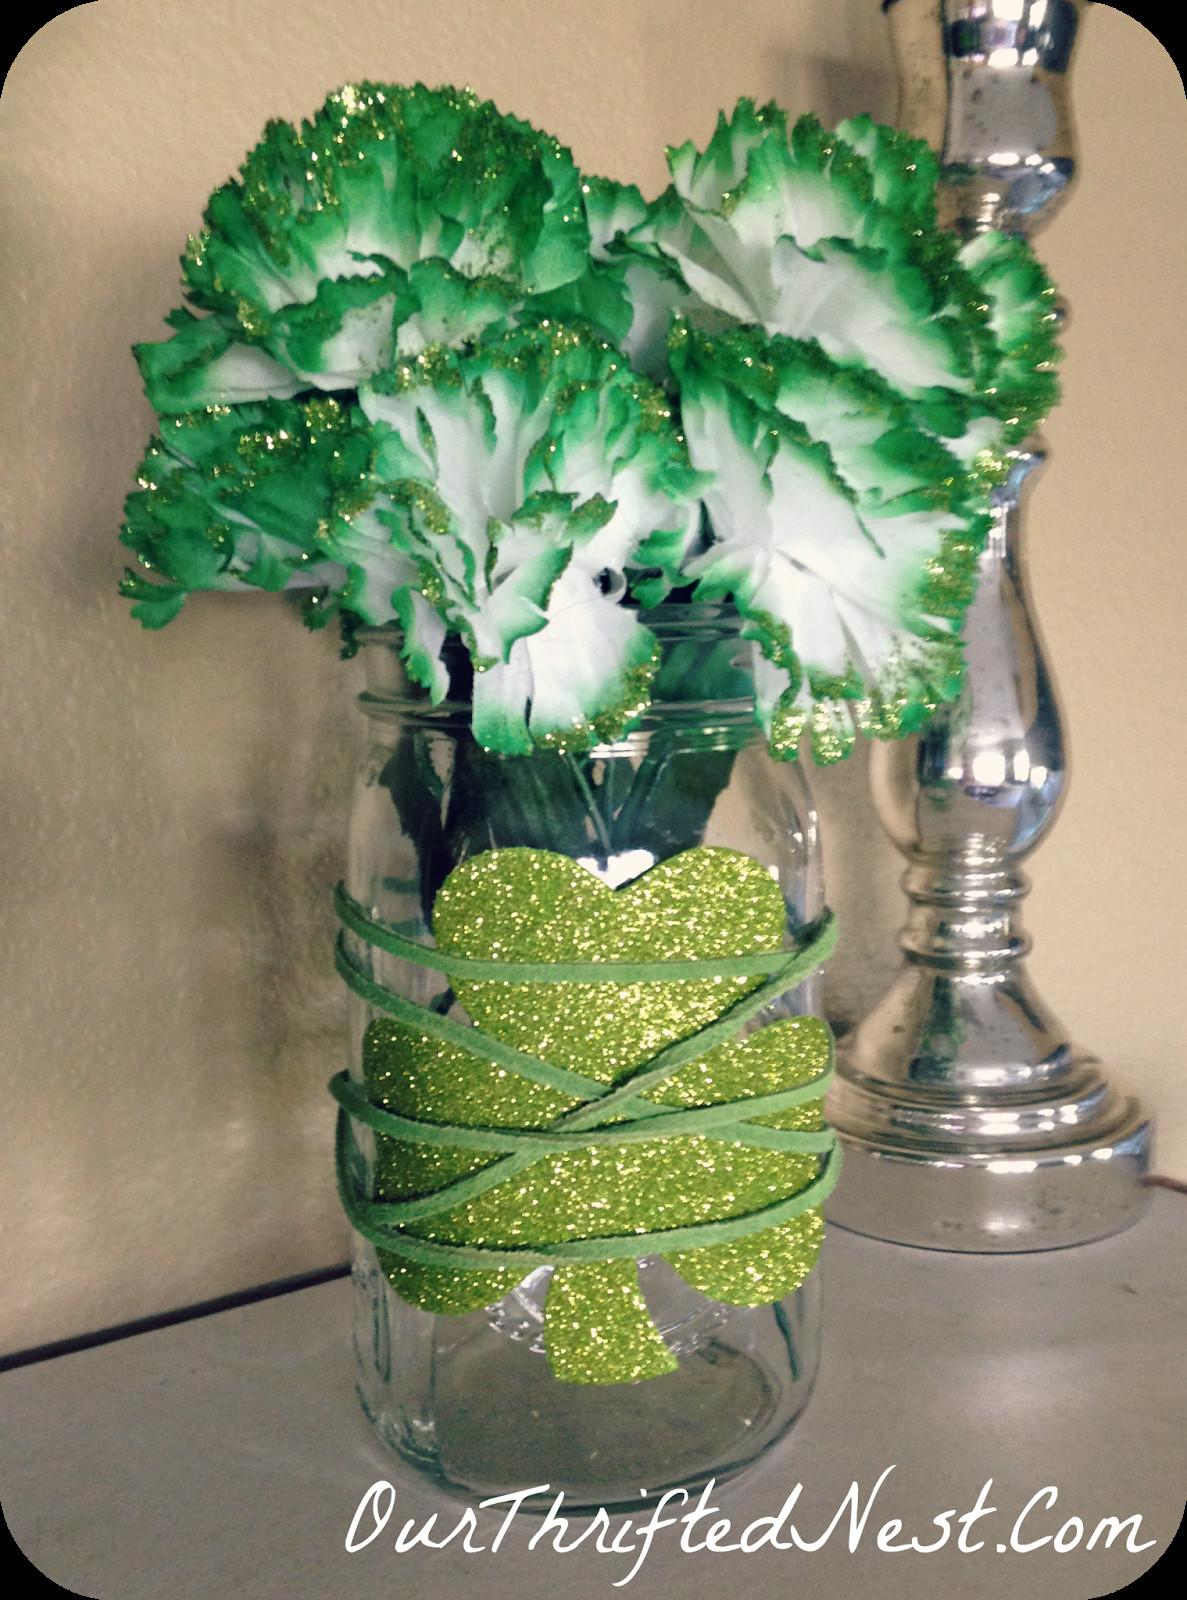 hoosier glass vase 4094 of 25 mason jar ideas for st patricks day for st patricks day mantel decor